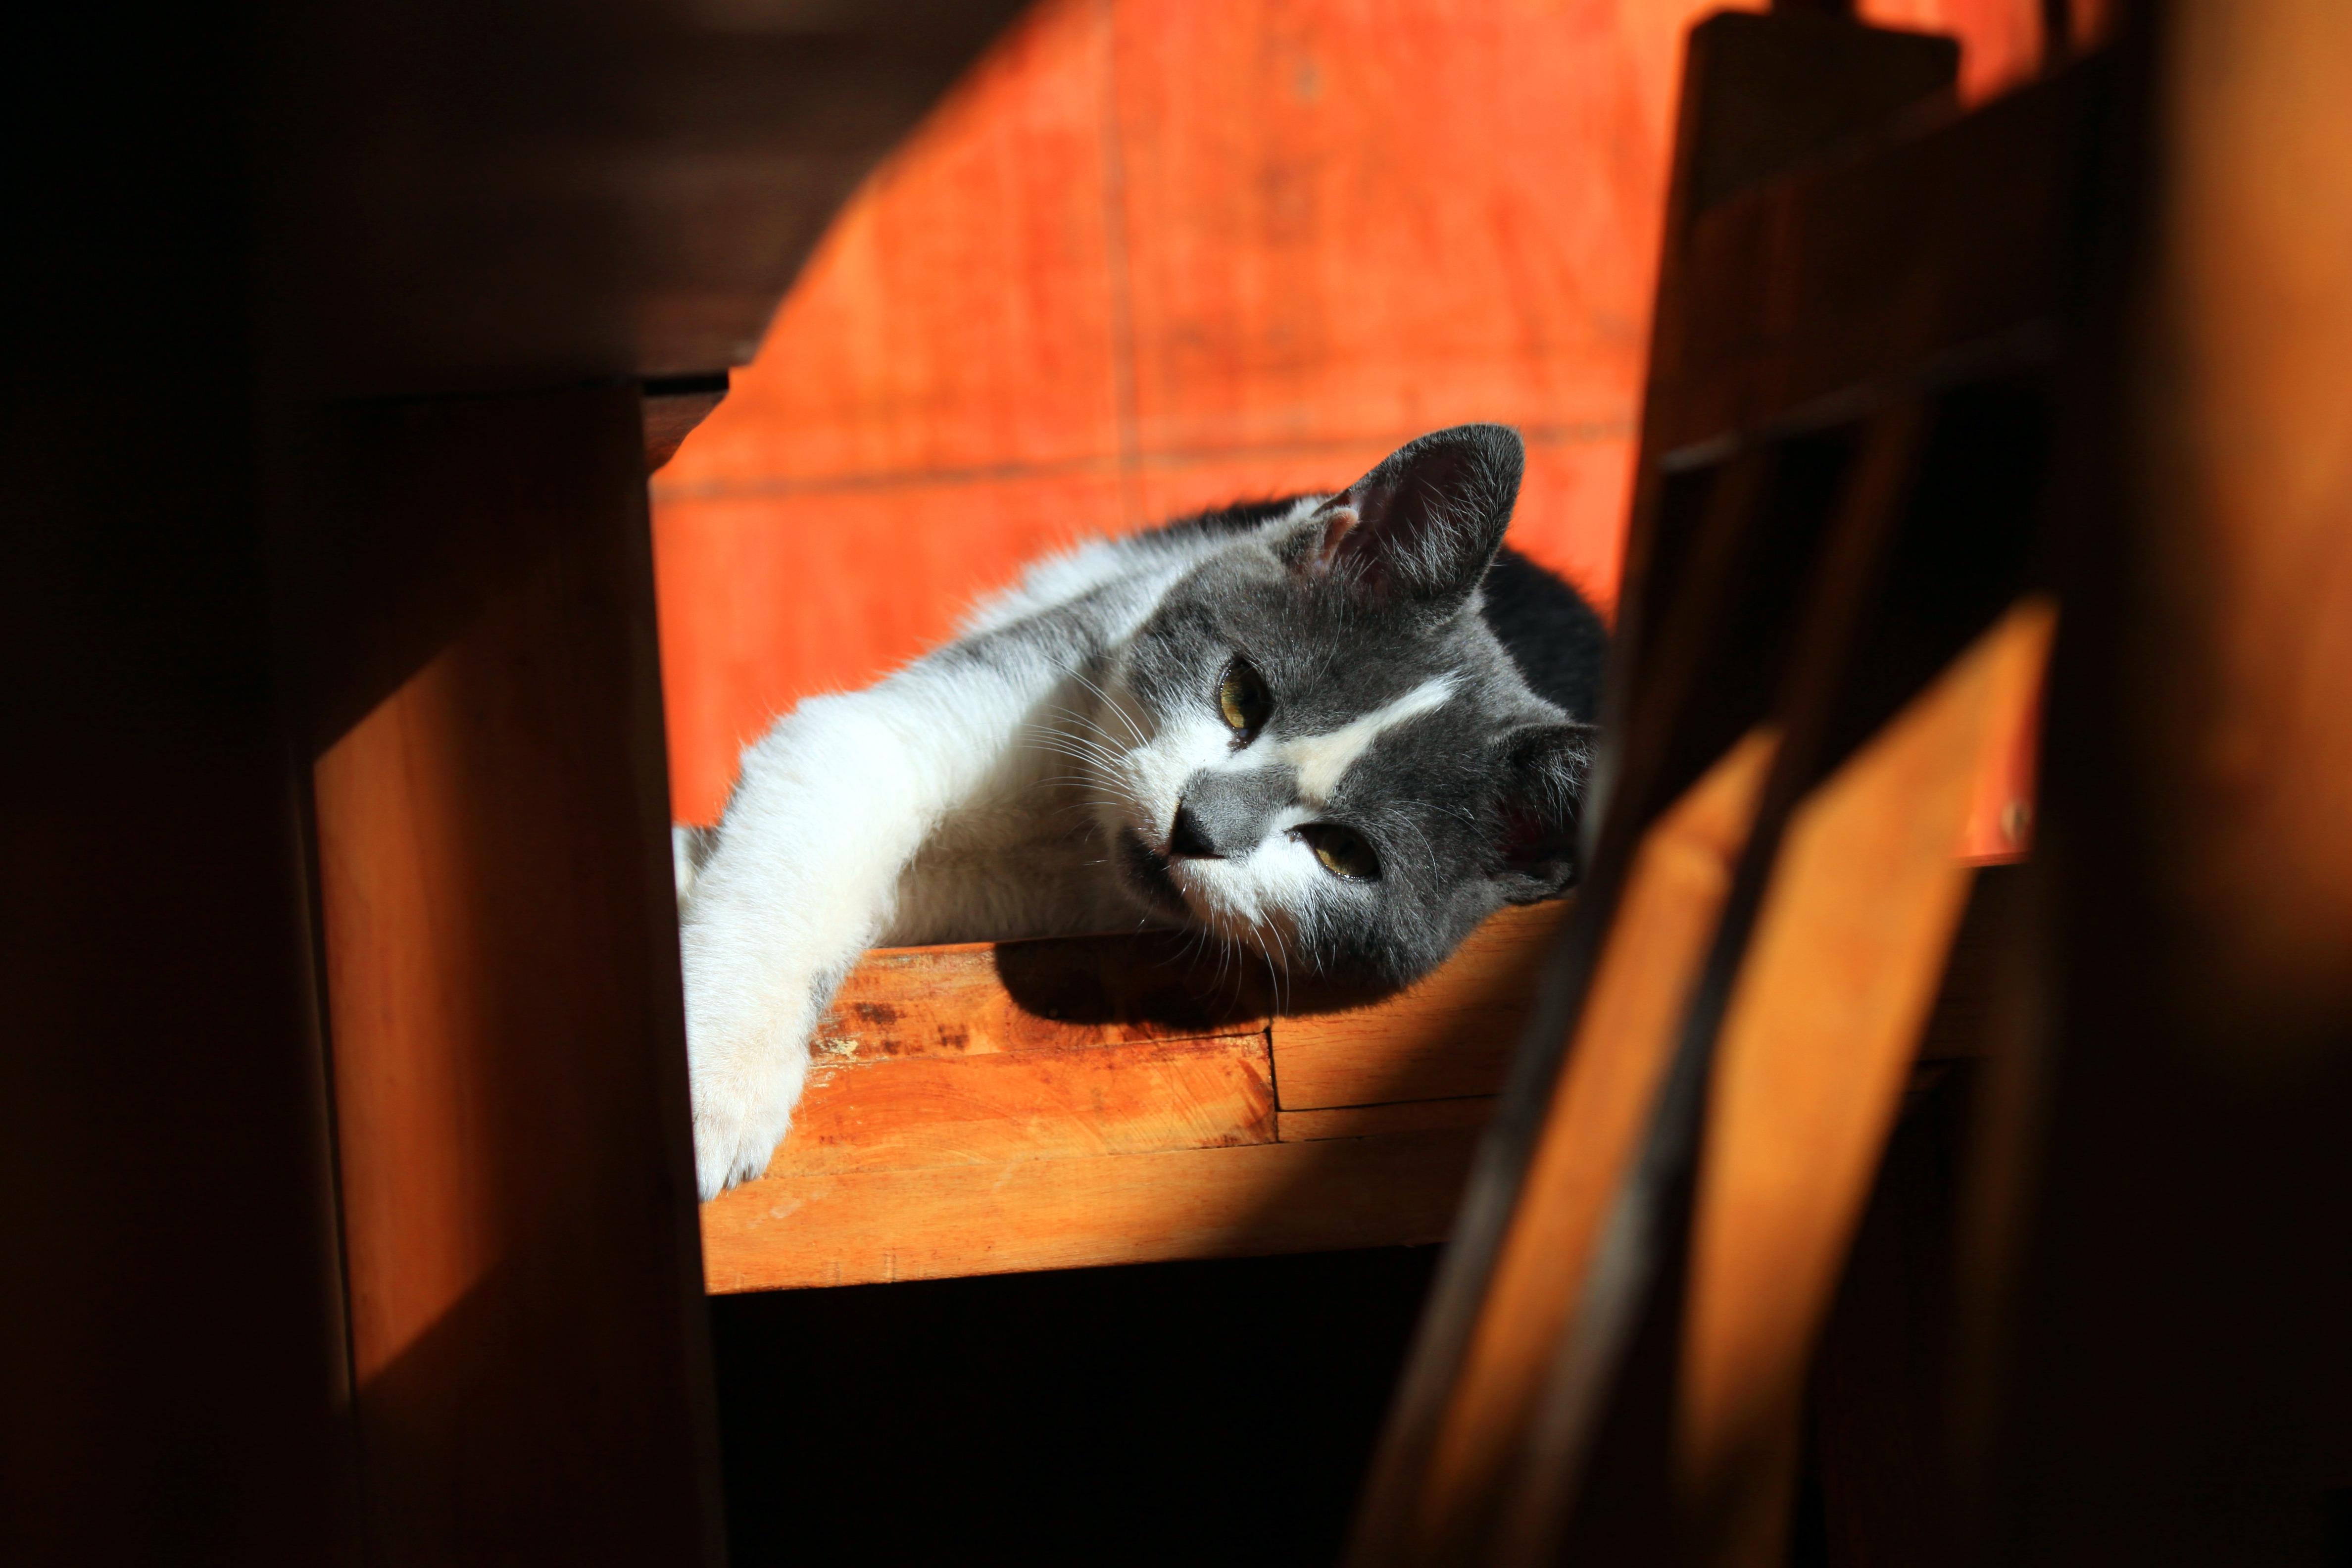 Fotos gratis : mascota, gatito, gato, color, oscuridad, descanso ...